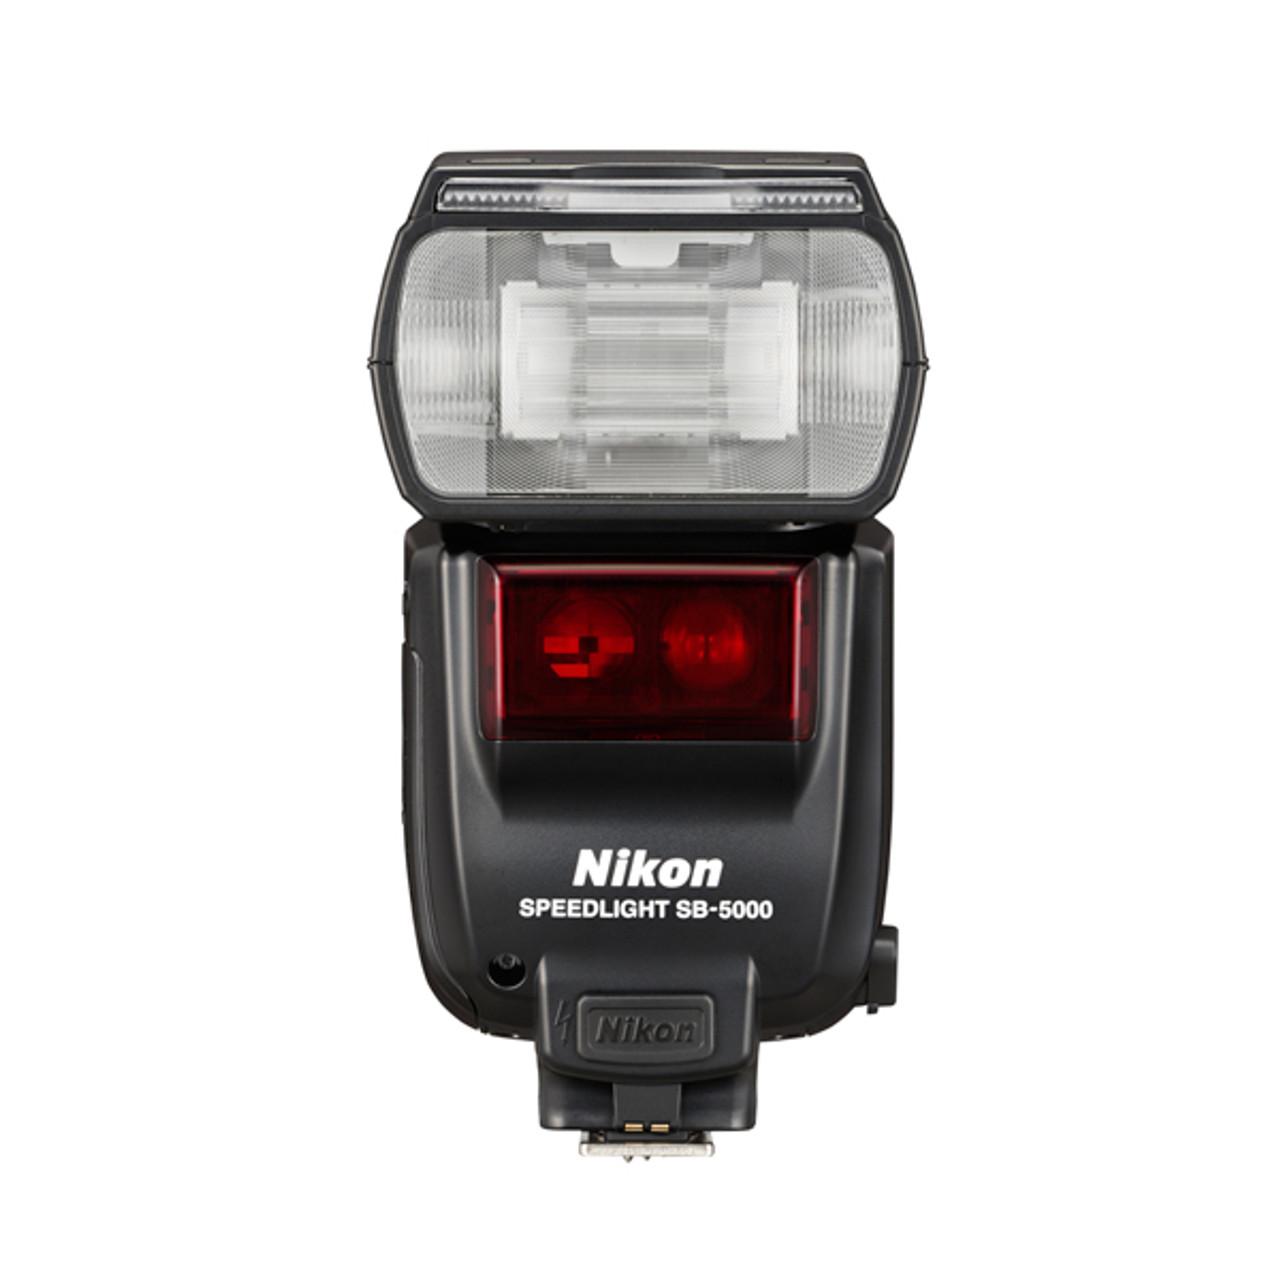 Nikon SB-5000 Speedlight Flash